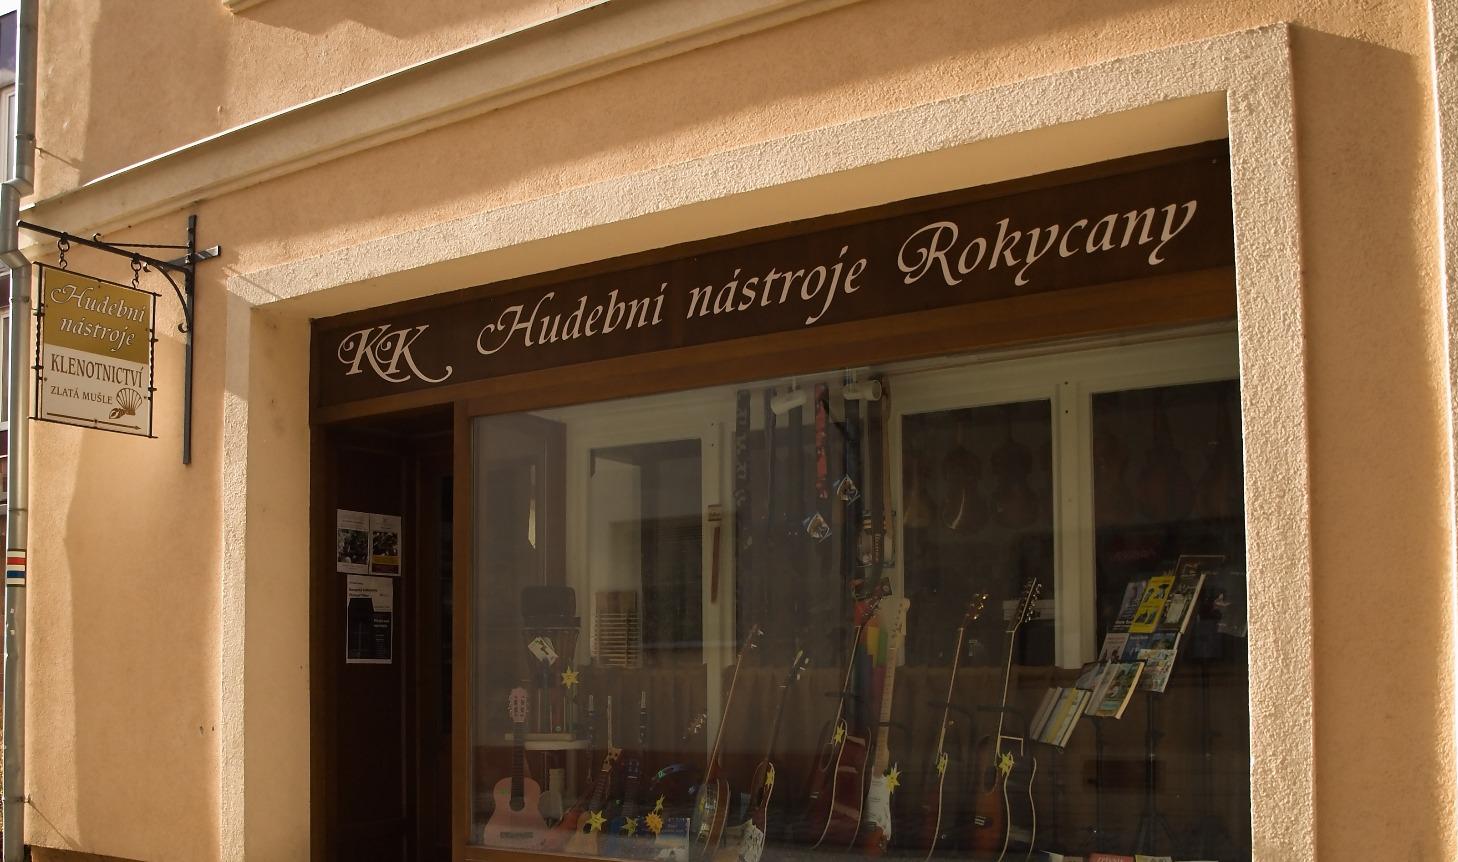 Nový obchod, průčelí_edited